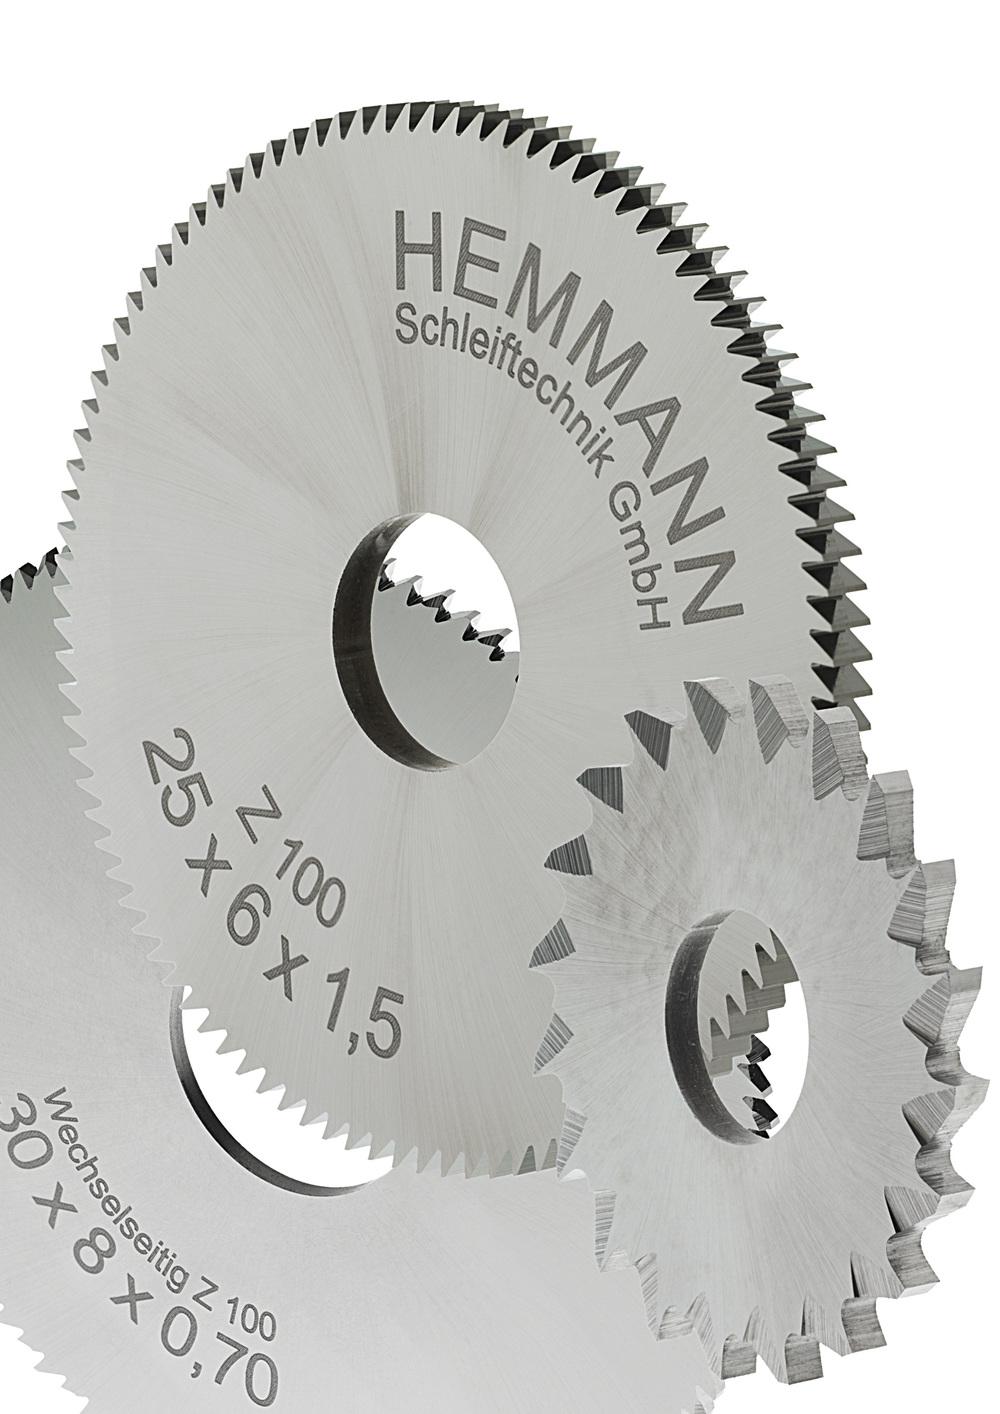 Hemmann Schleiftechnik